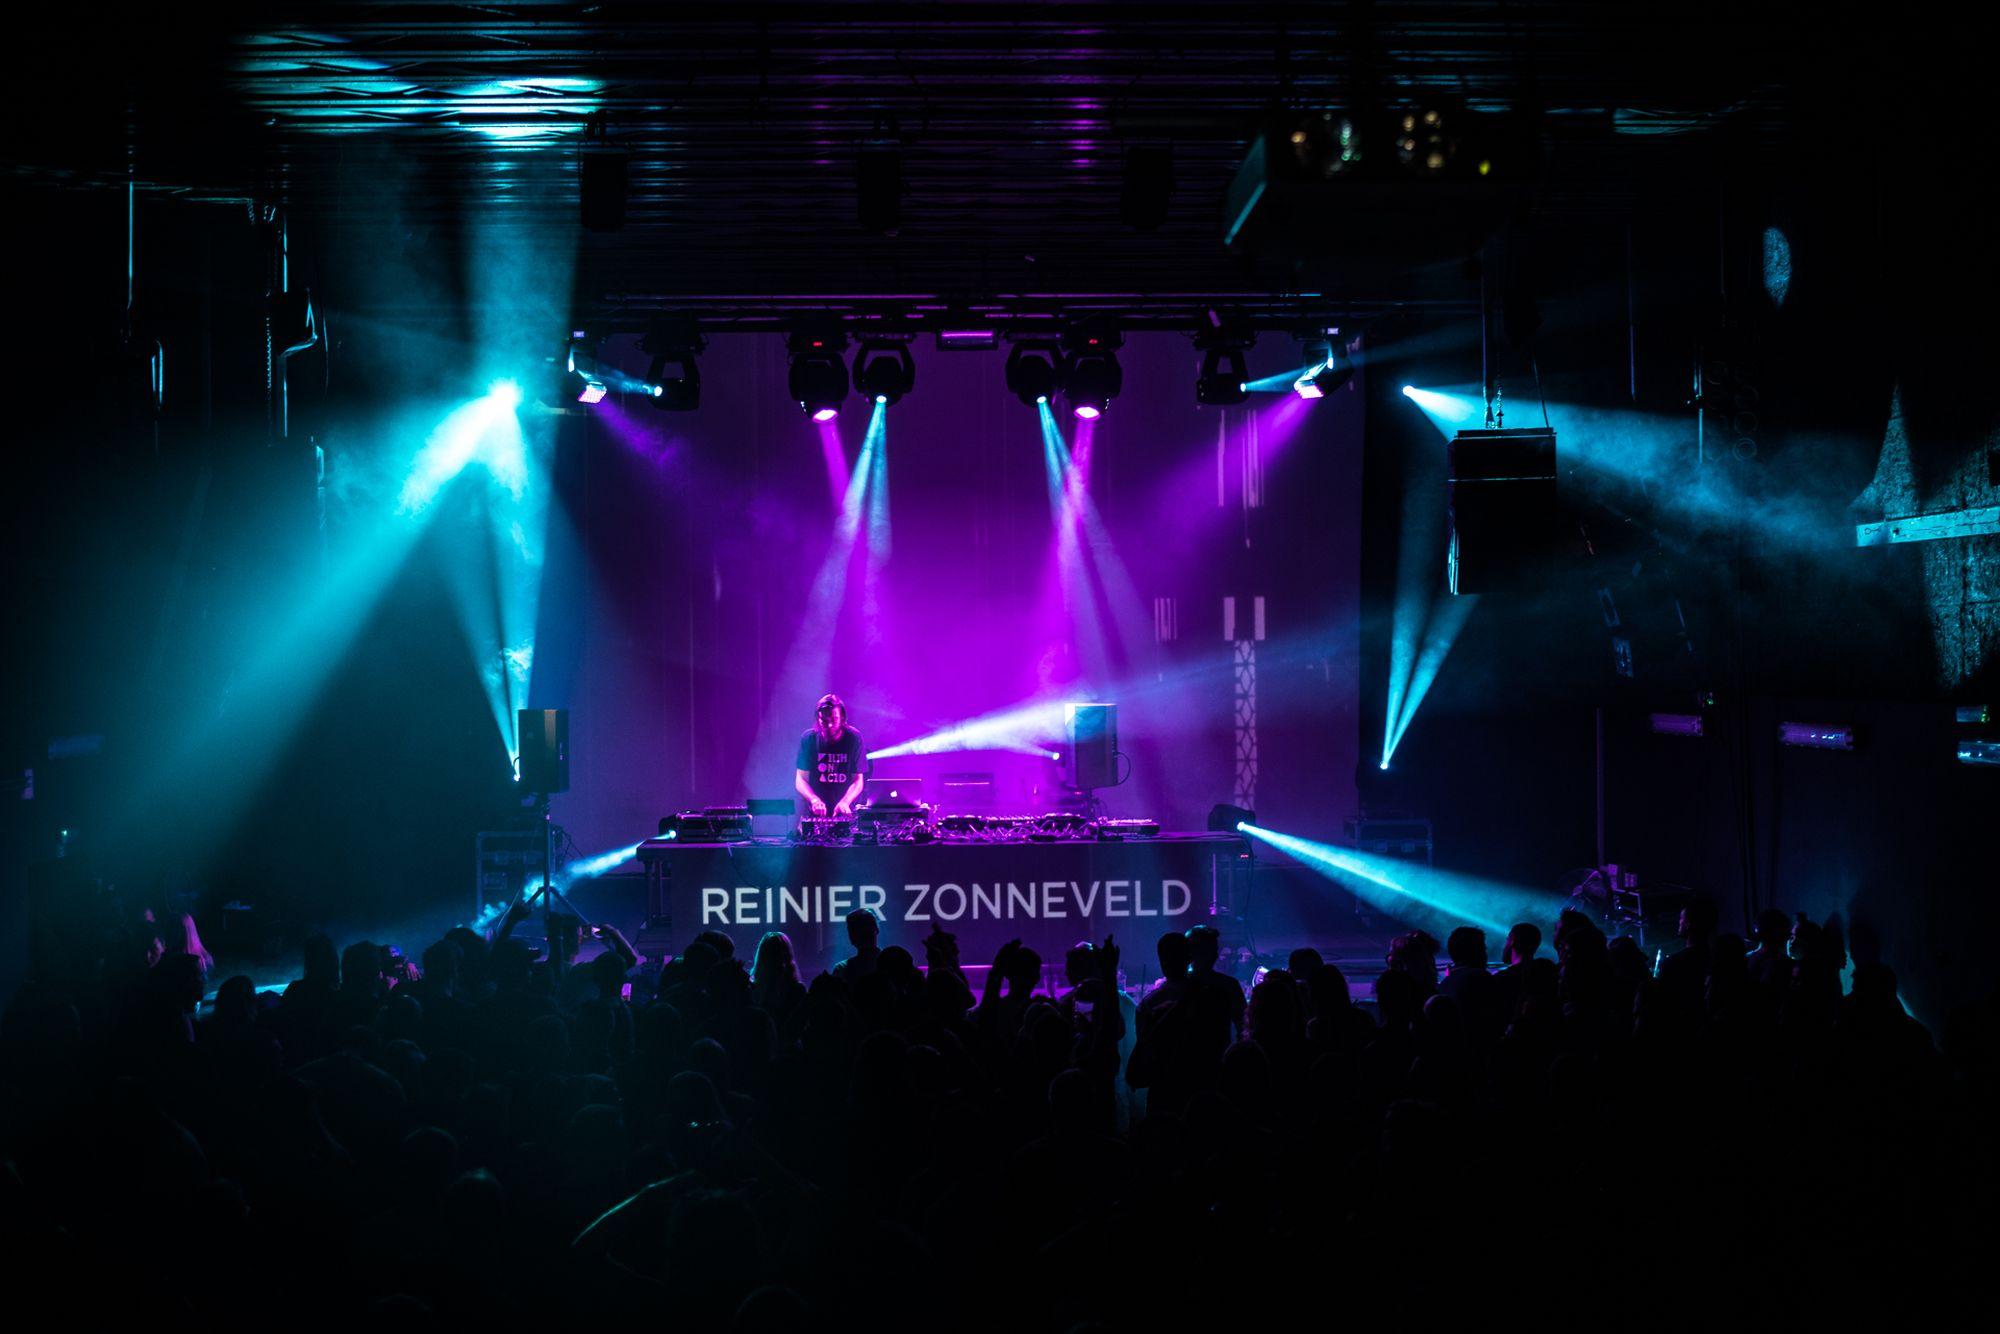 Reinier-Zonneveld-Michal-Bernatek-61-.jpg